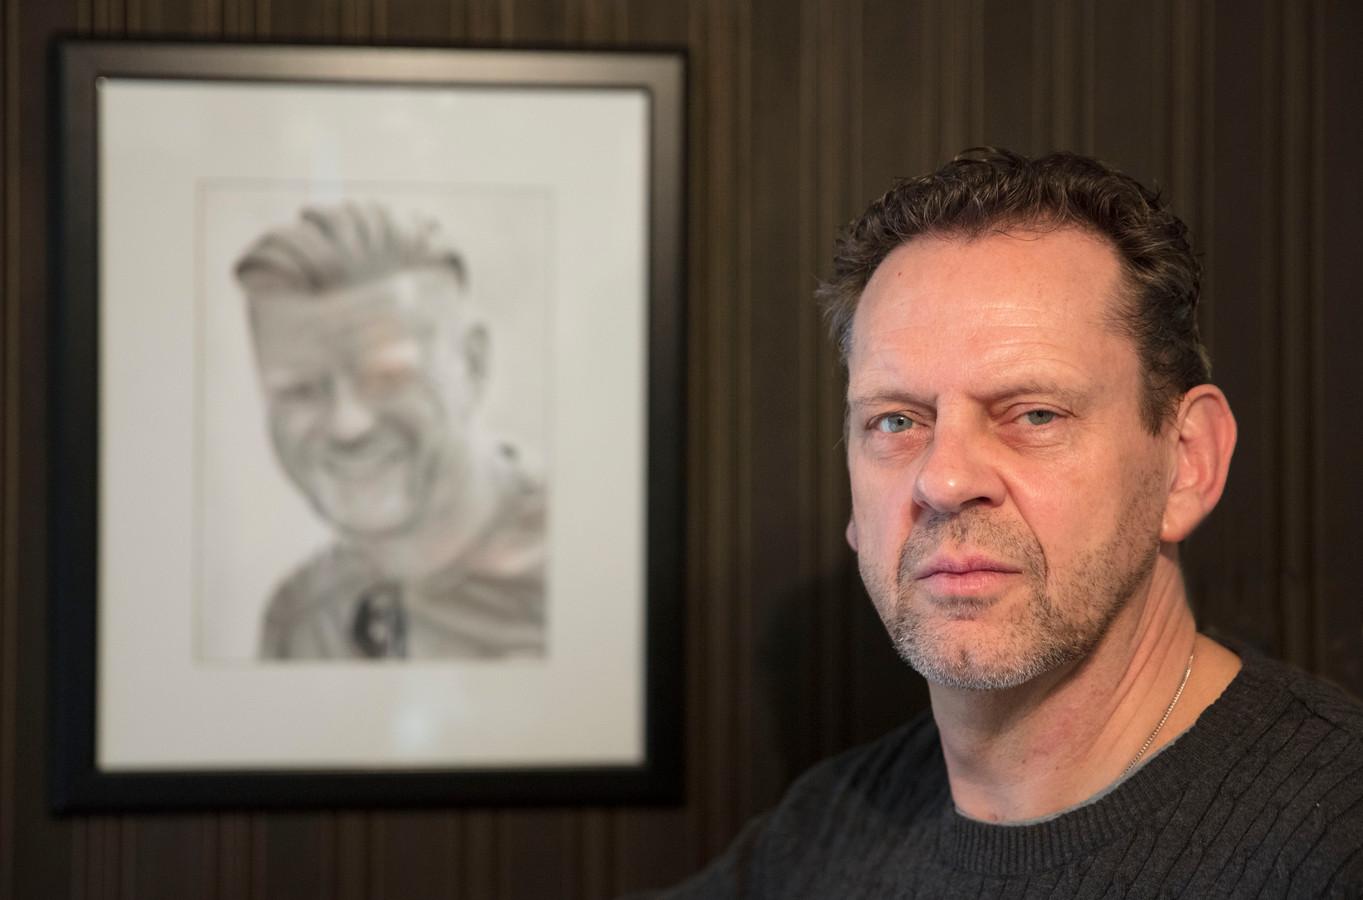 Crétien Jacobs bij een portret van Luc, getekend door een van zijn andere zonen